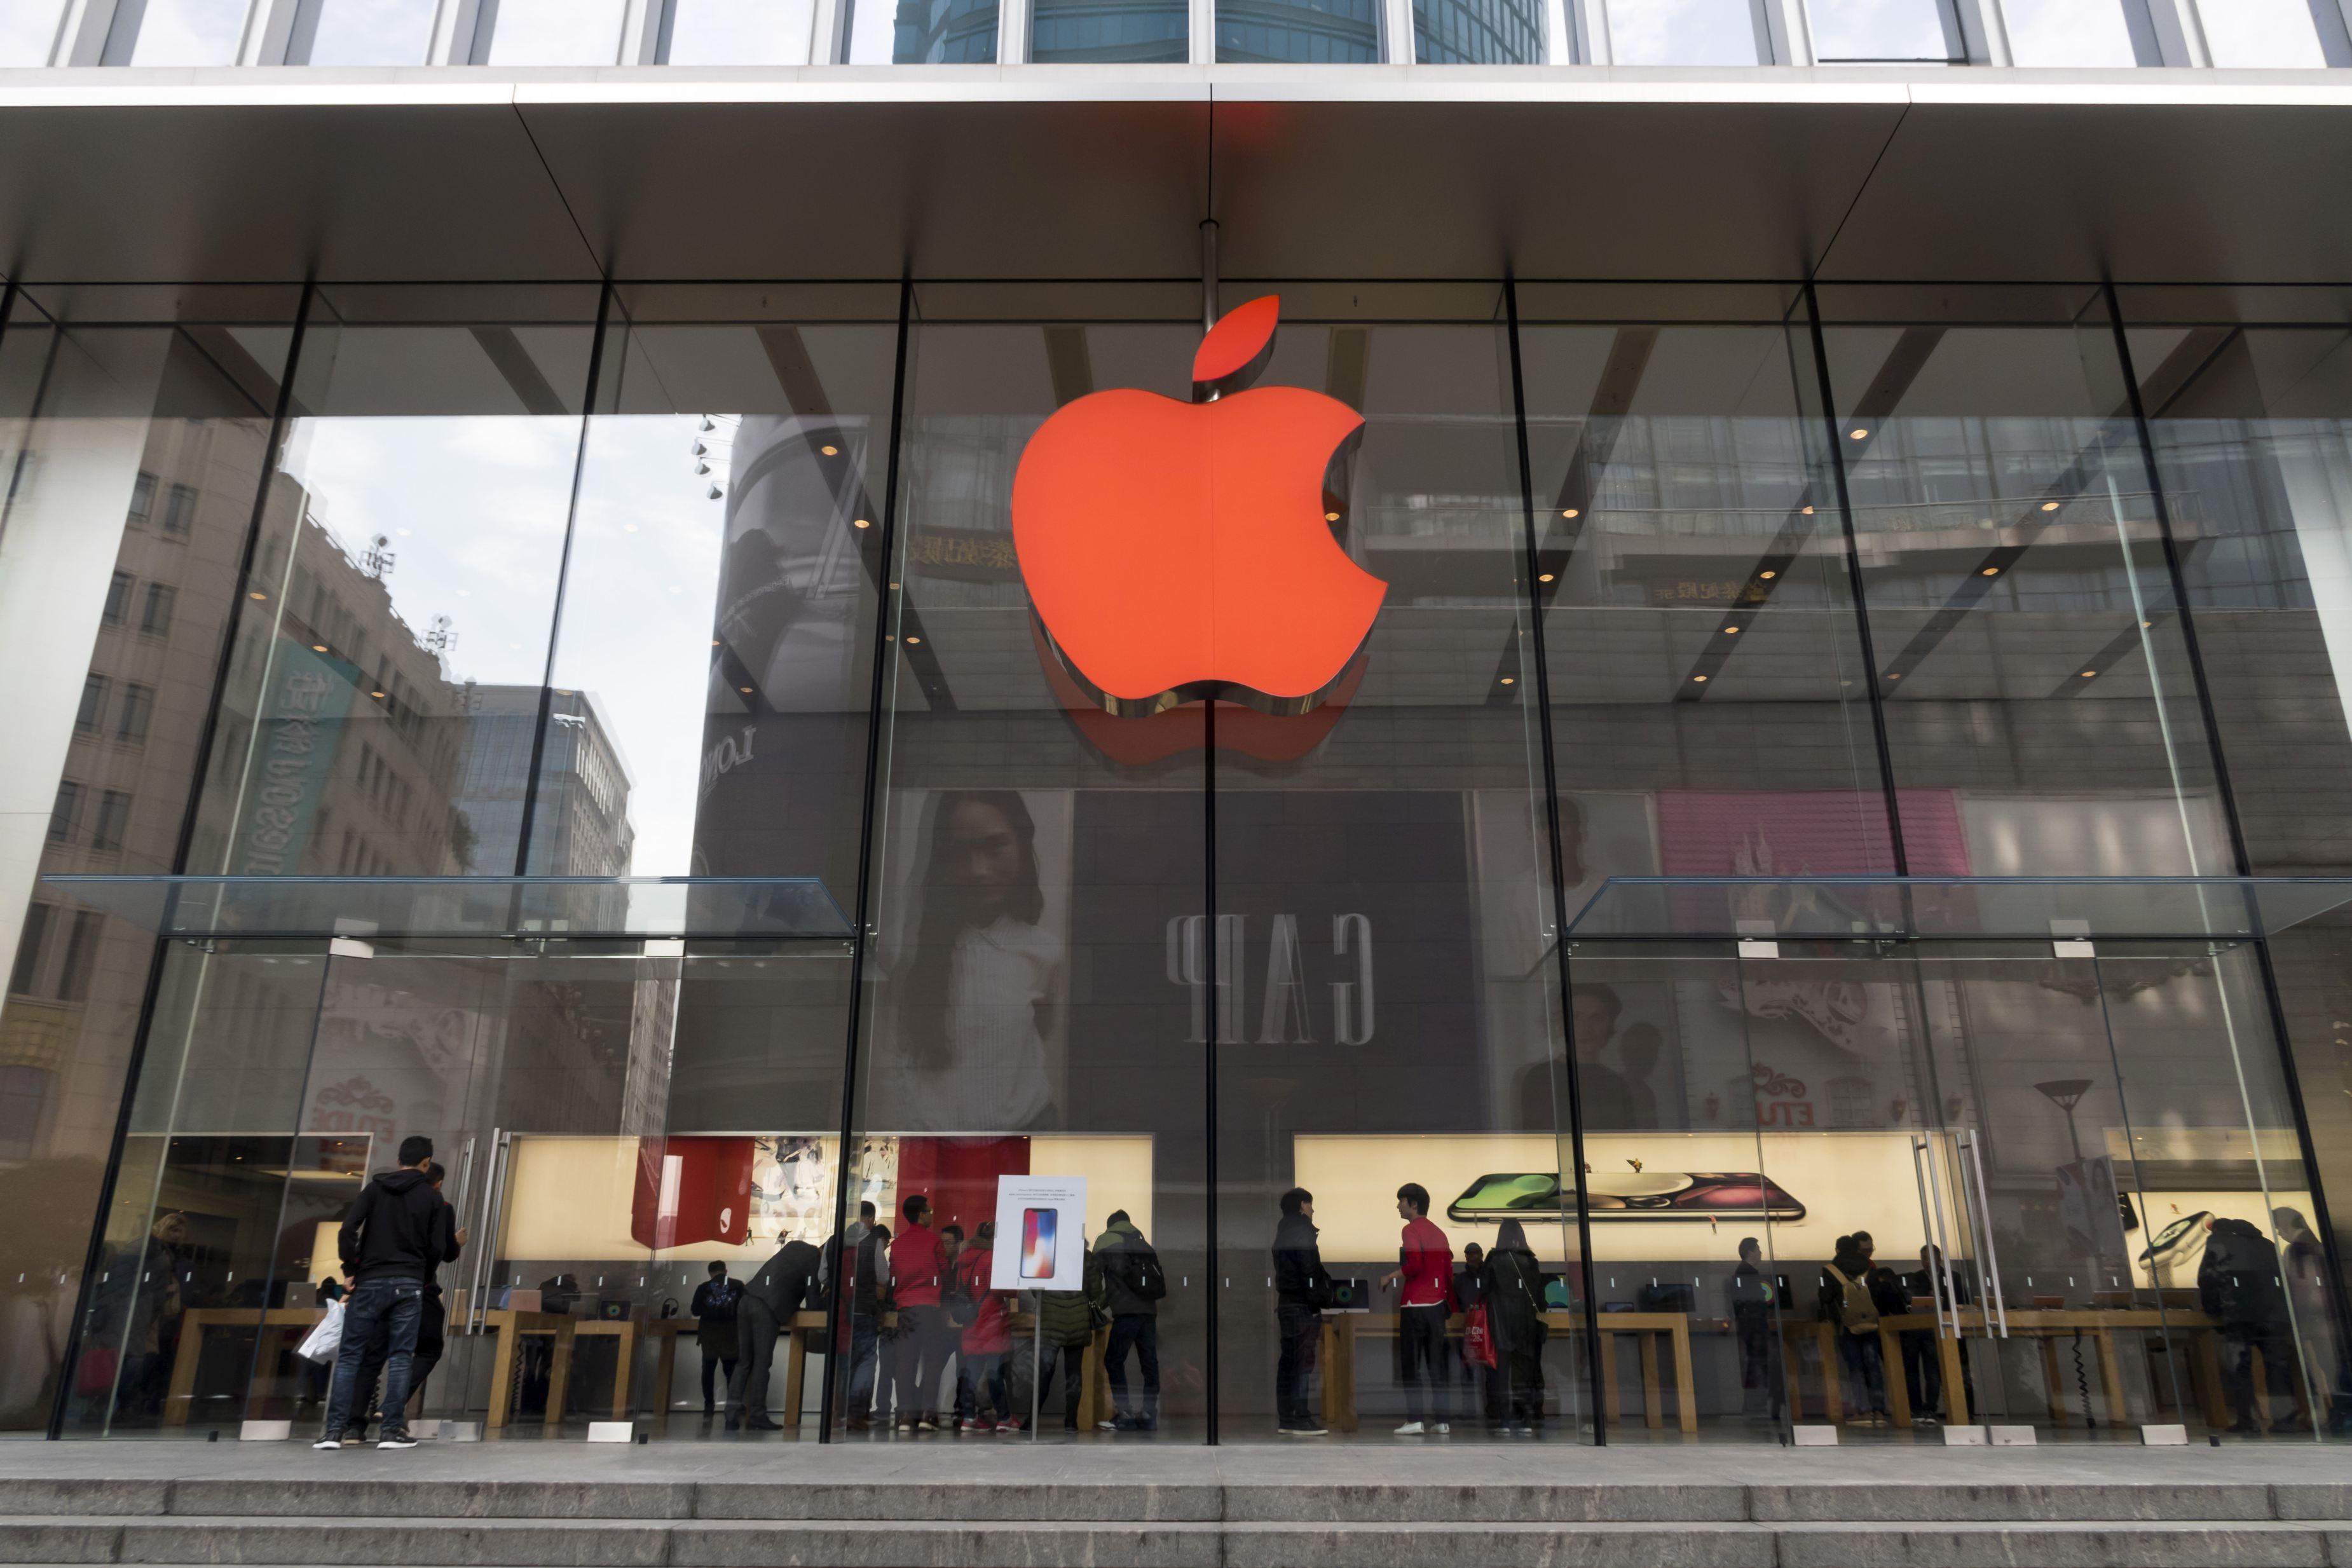 dezastru-pentru-apple-unul-dintre-cei-mai-mari-furnizori-de-ai-gigantului-se-prabu